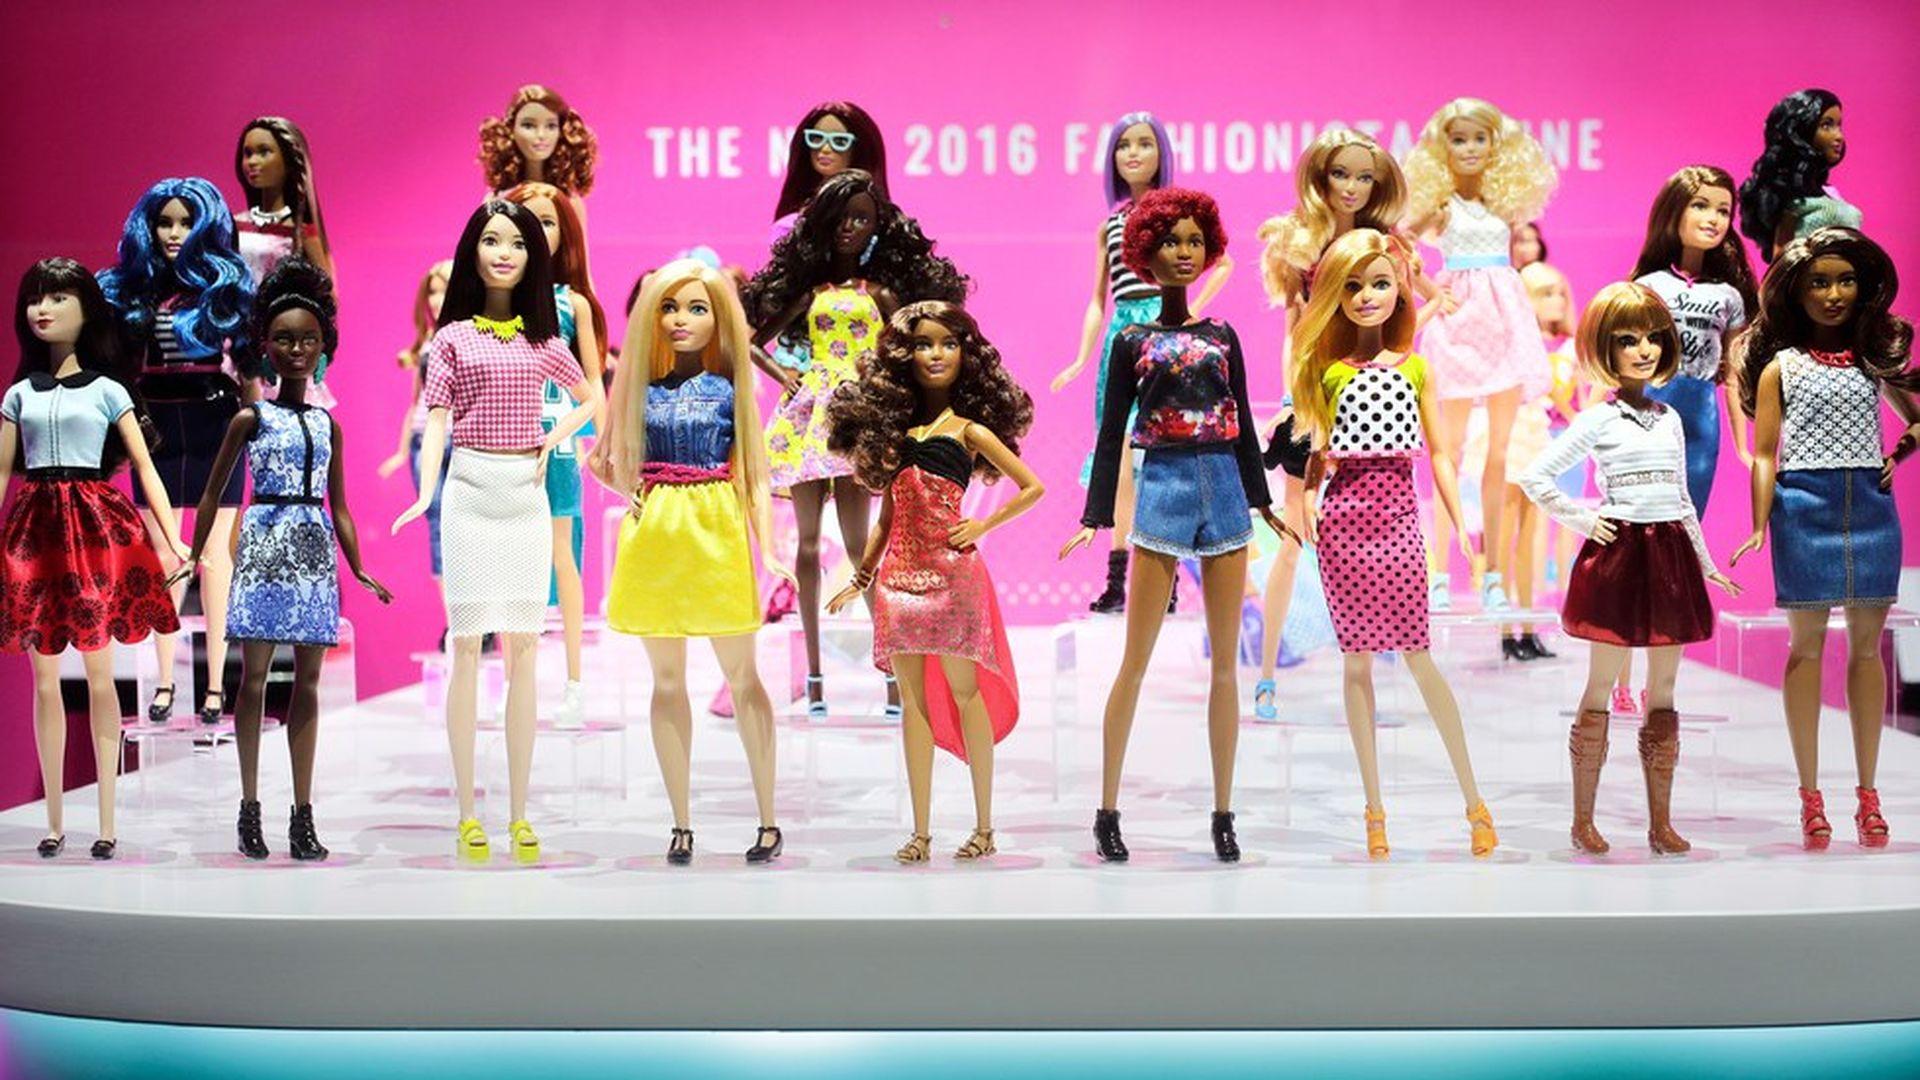 b66e2d943 Barbie through the years - Axios